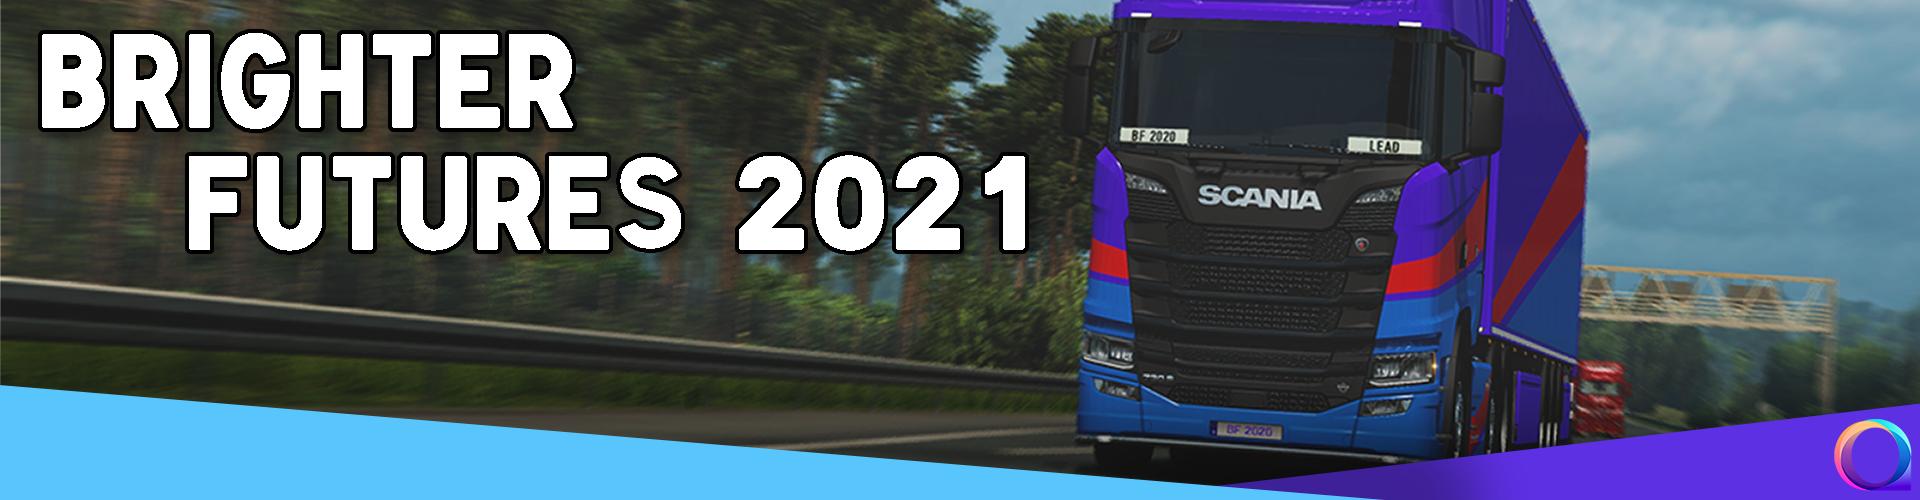 Brighter Futures 2021